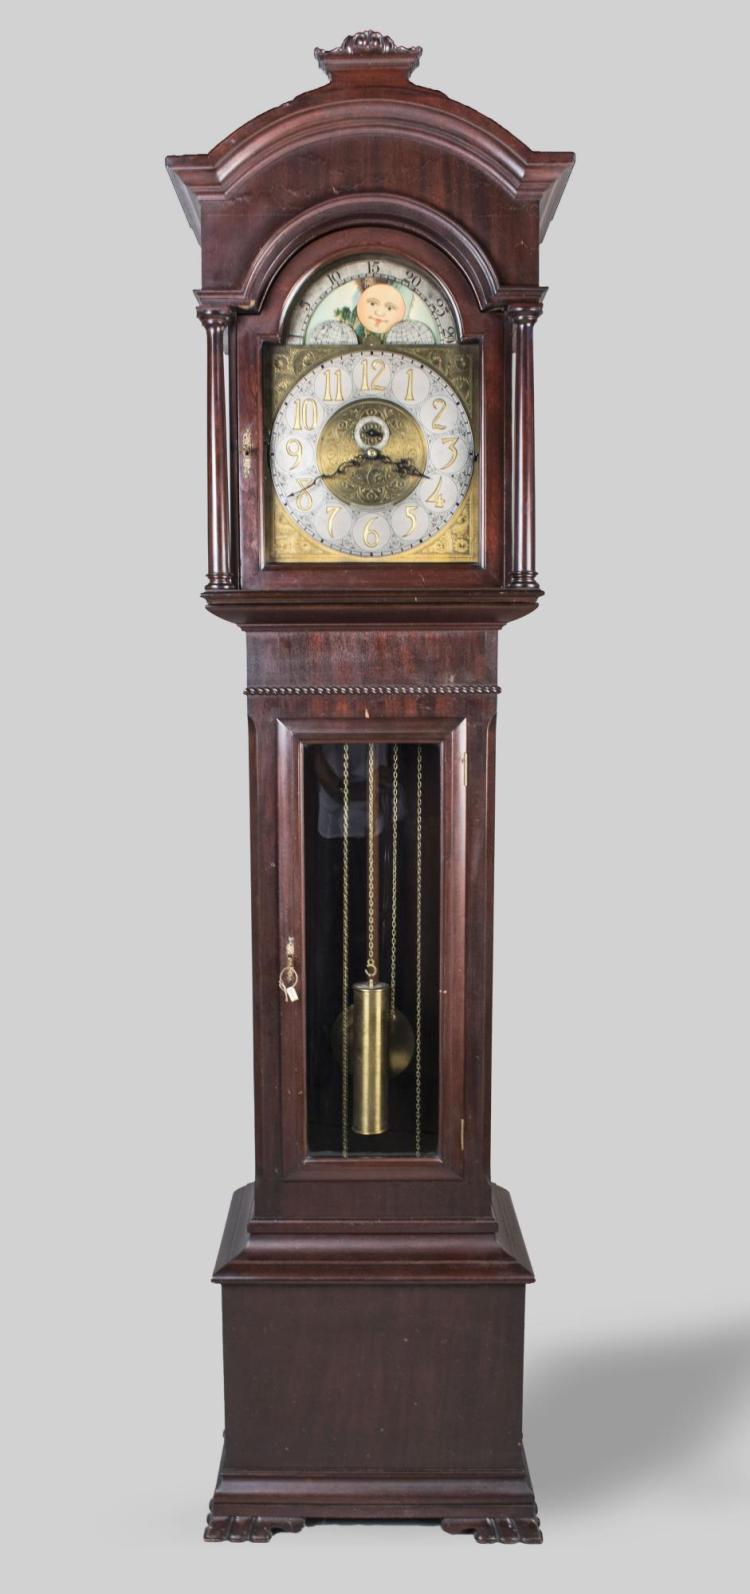 Tiffany & Co. Grandfather Clock